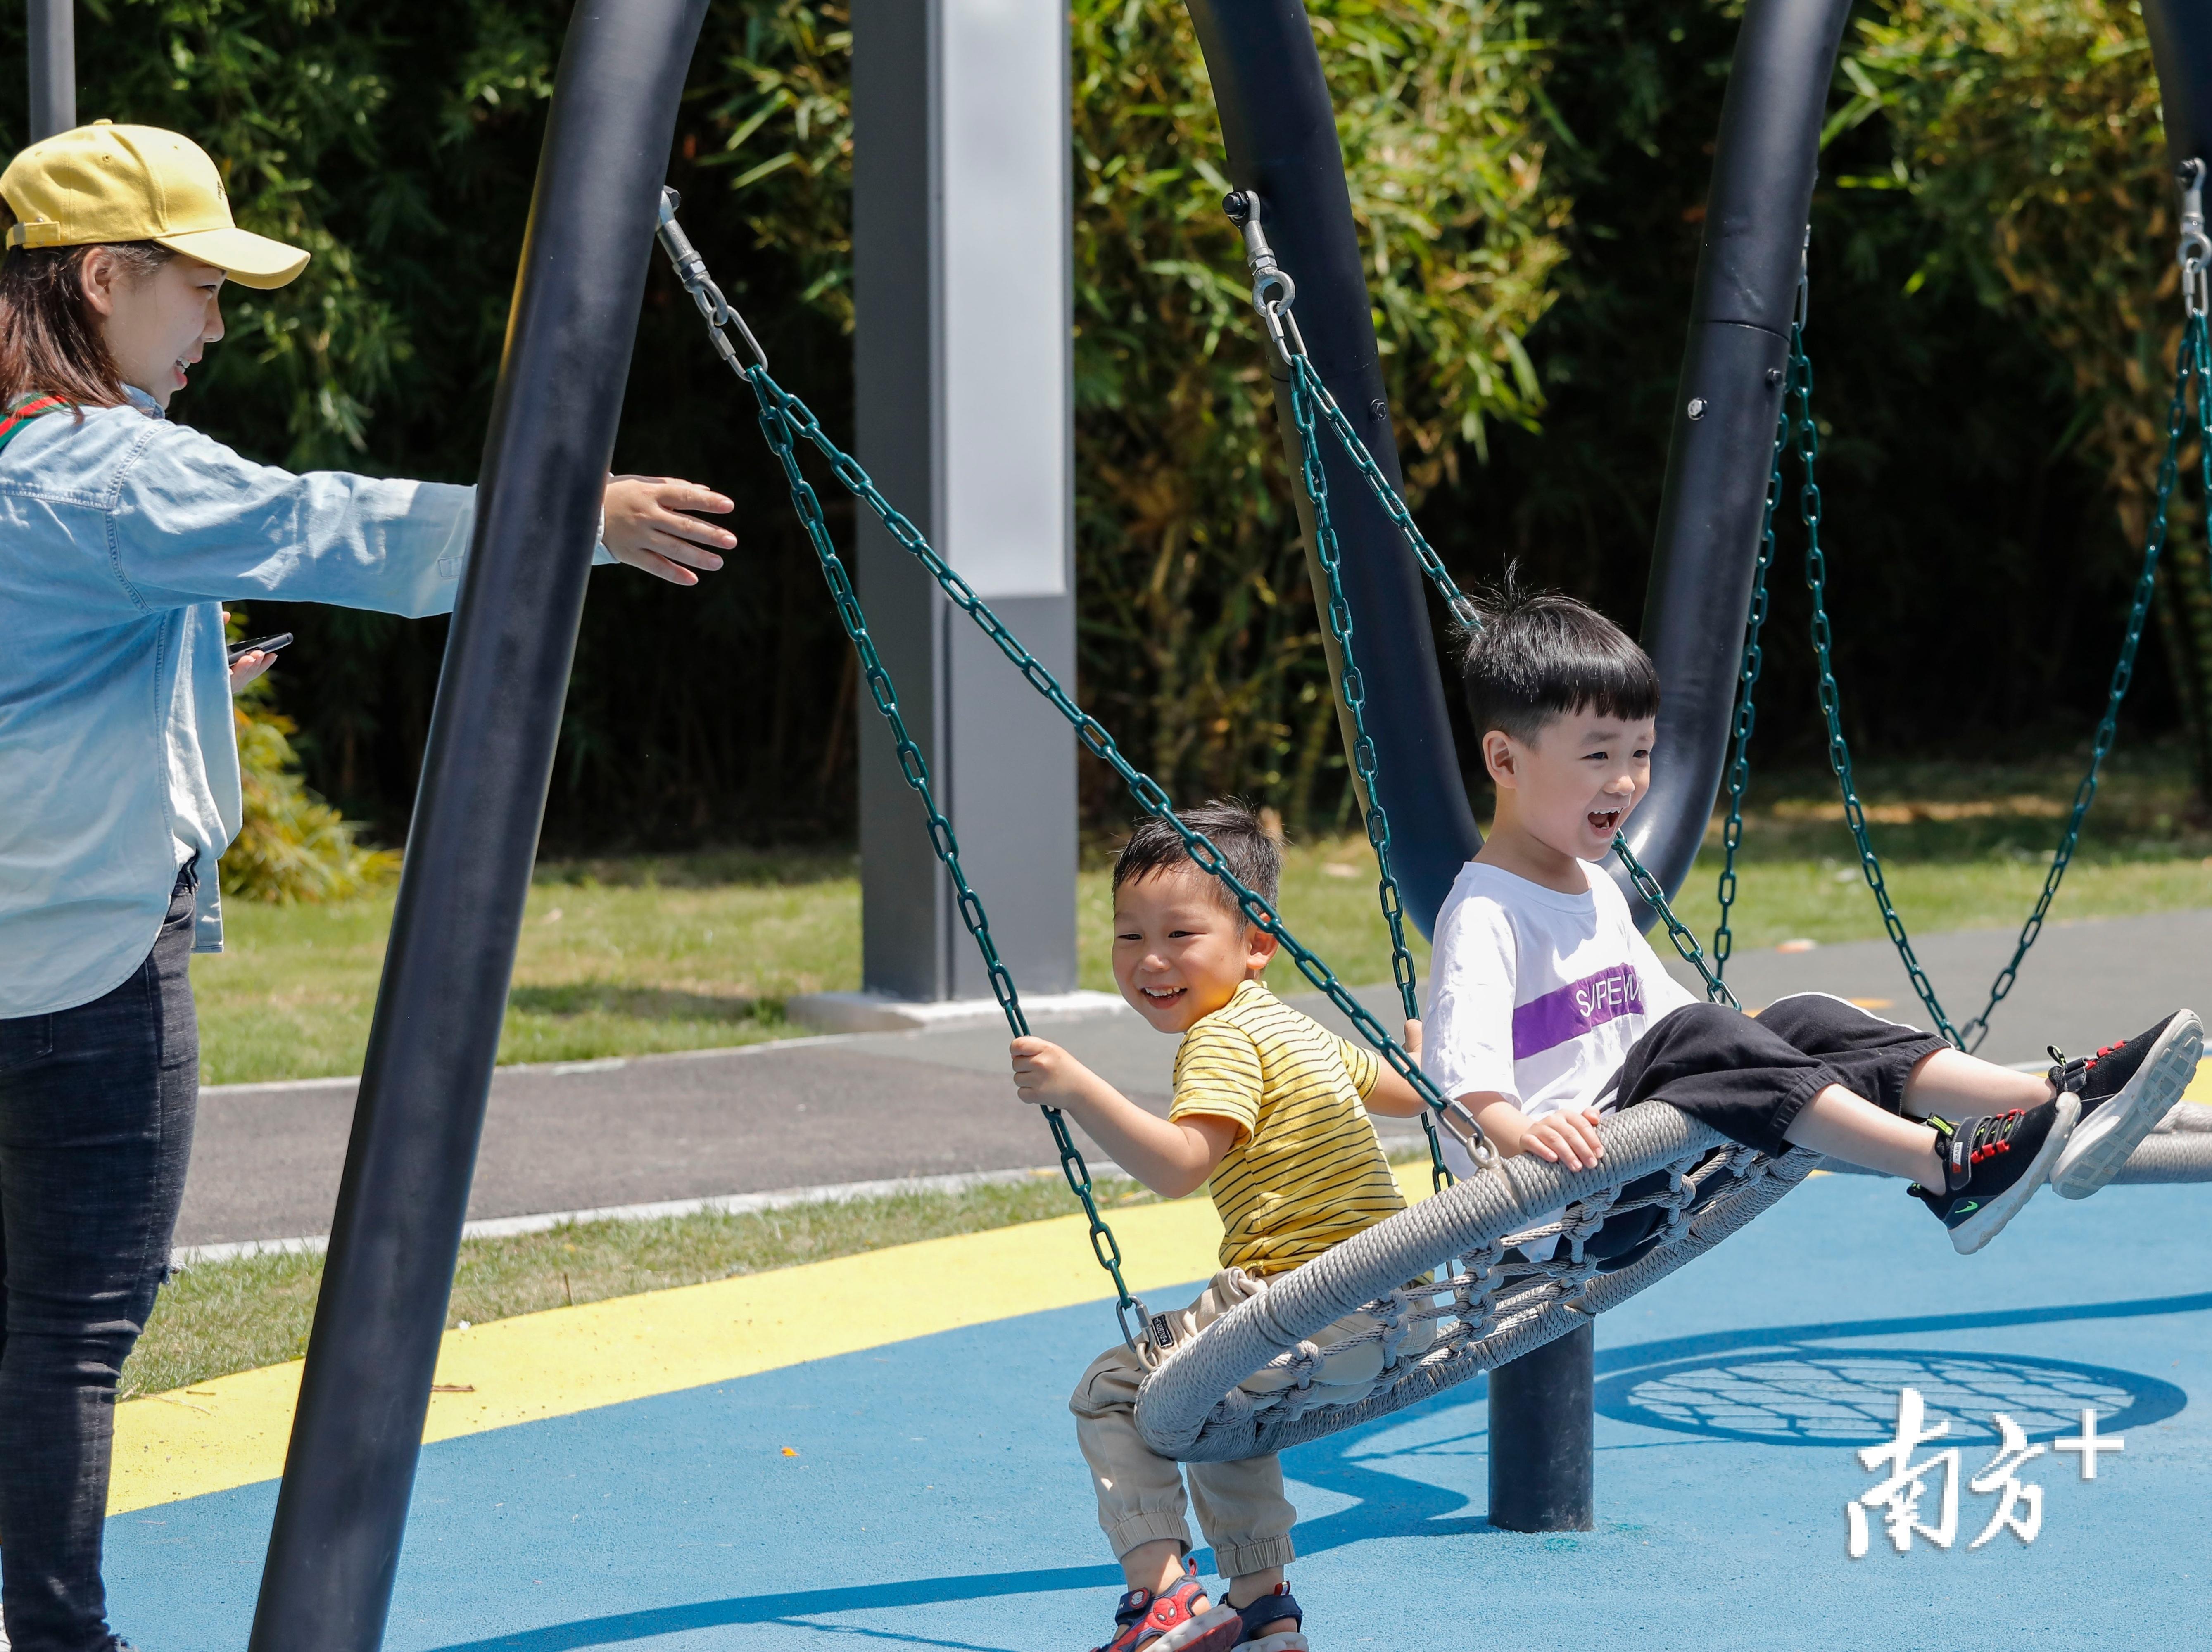 通过好心绿道可到达新湖公园的儿童乐园。